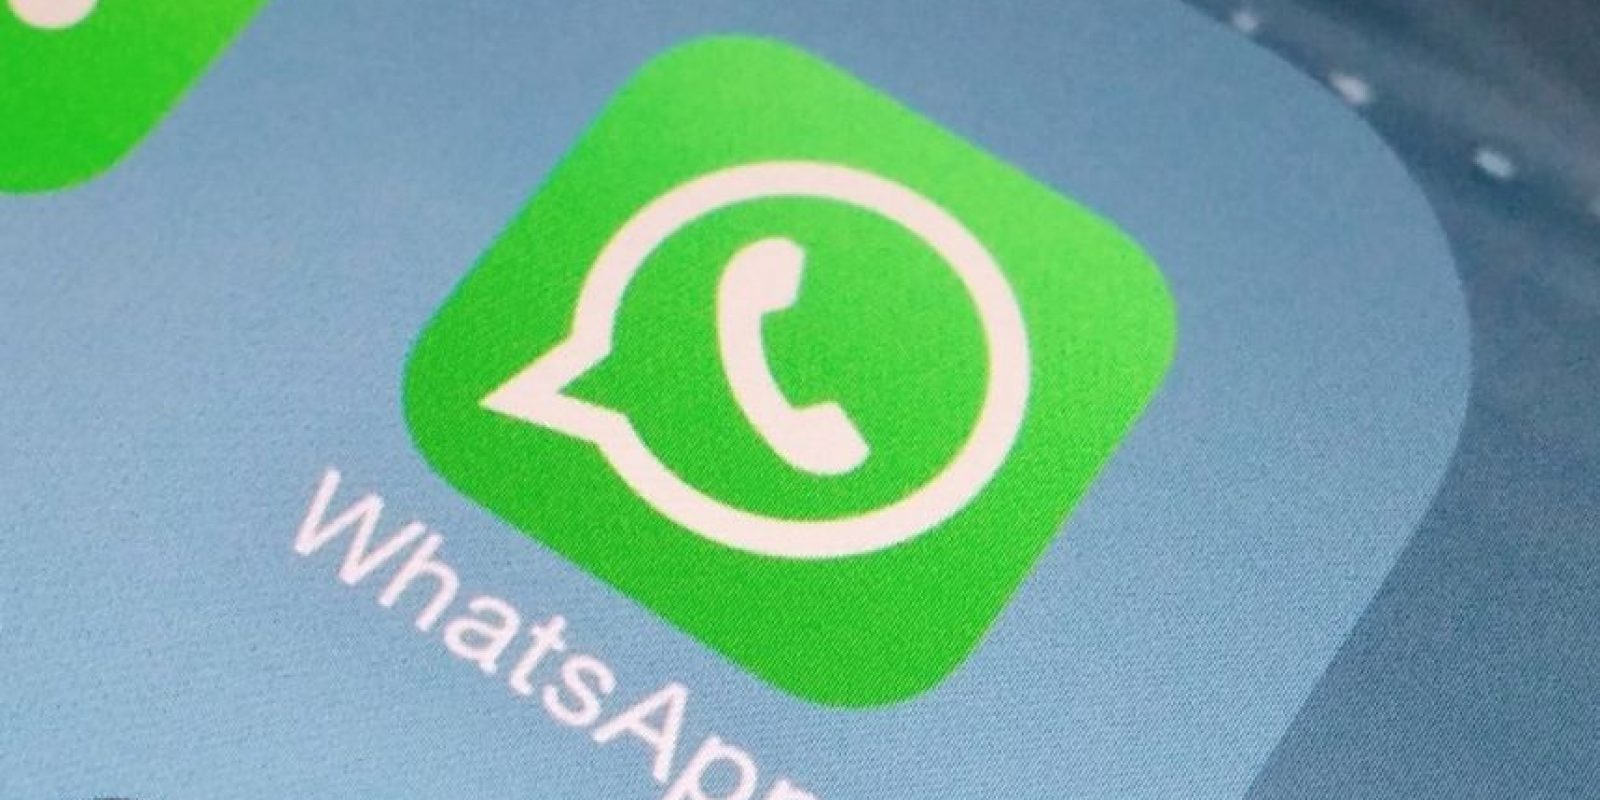 En mayo, un correo electrónico informaba que tenían un supuesto mensaje de voz de alguno de sus contactos en WhatsApp y, para escucharlo, debían descargarlo. Al momento de hacerlo, los hackers infectaban su equipo de cómputo. Foto:vía Tumblr.com